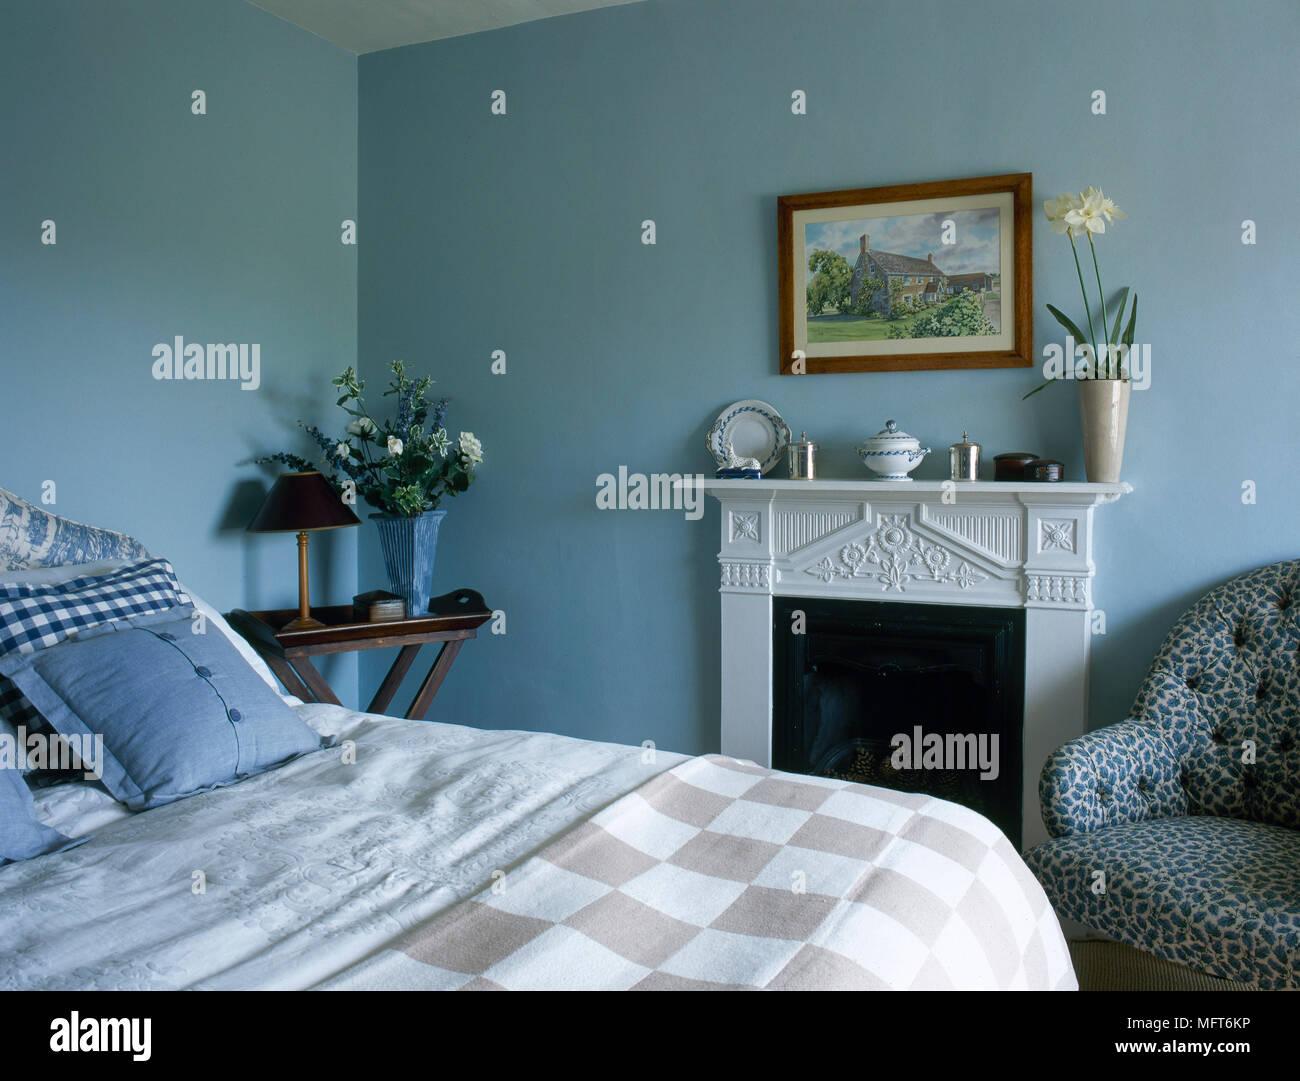 Blau Landhaus Schlafzimmer Mit Kamin Karierte Bettwäsche Und Eine